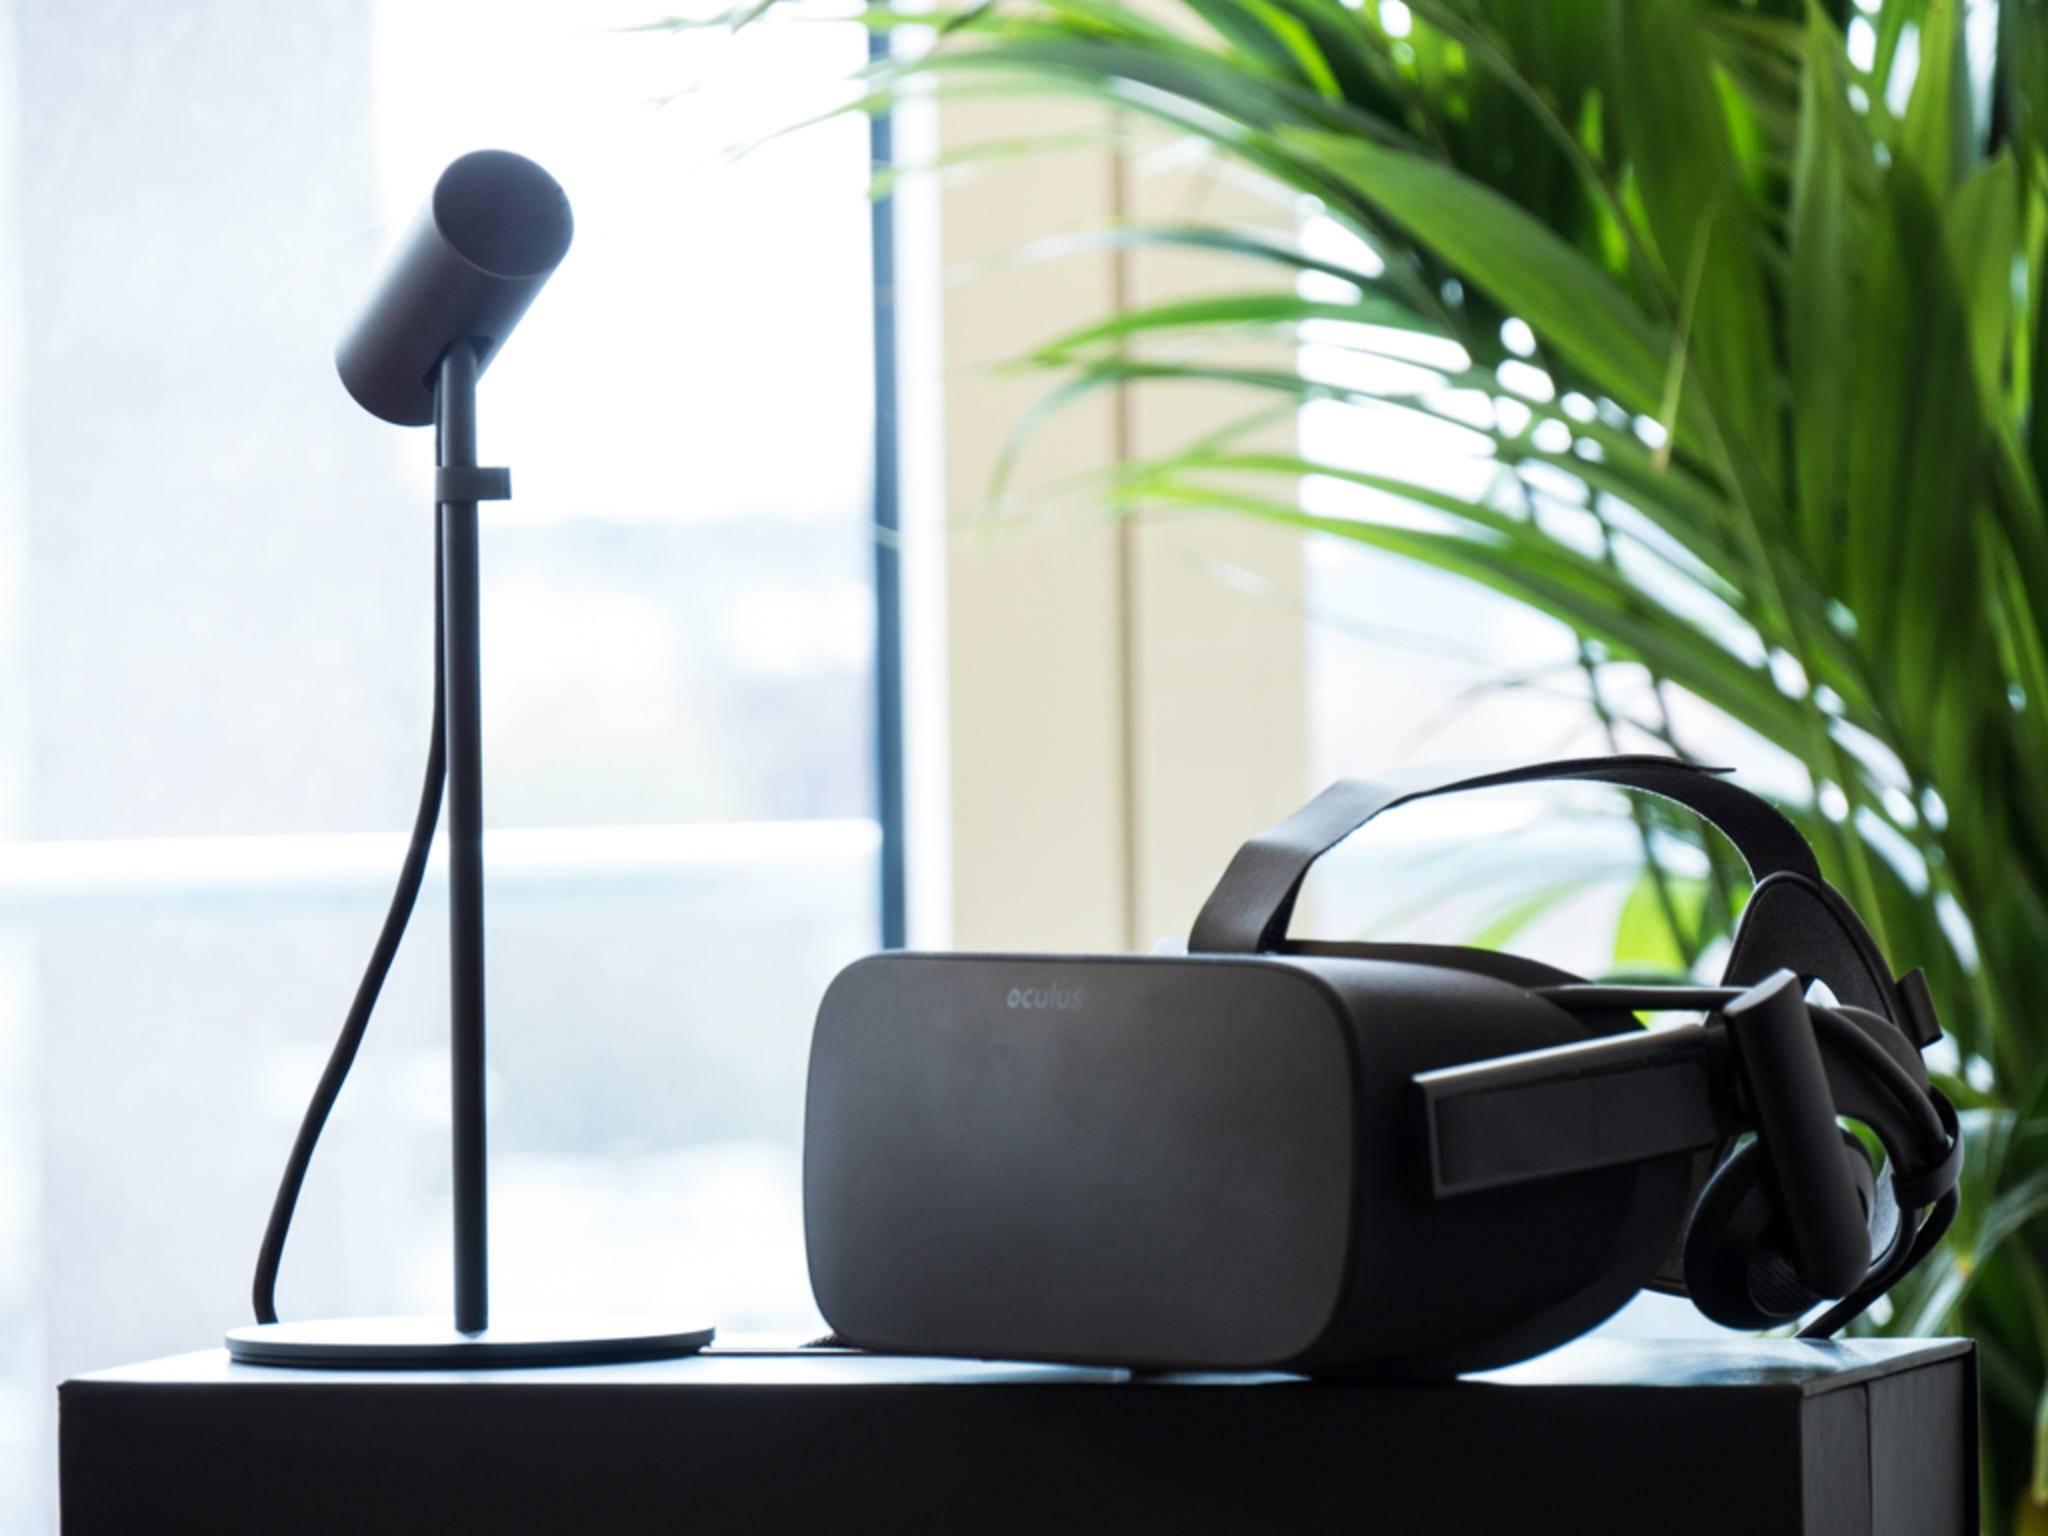 Die Oculus Rift ist derzeit wesentlich billiger.